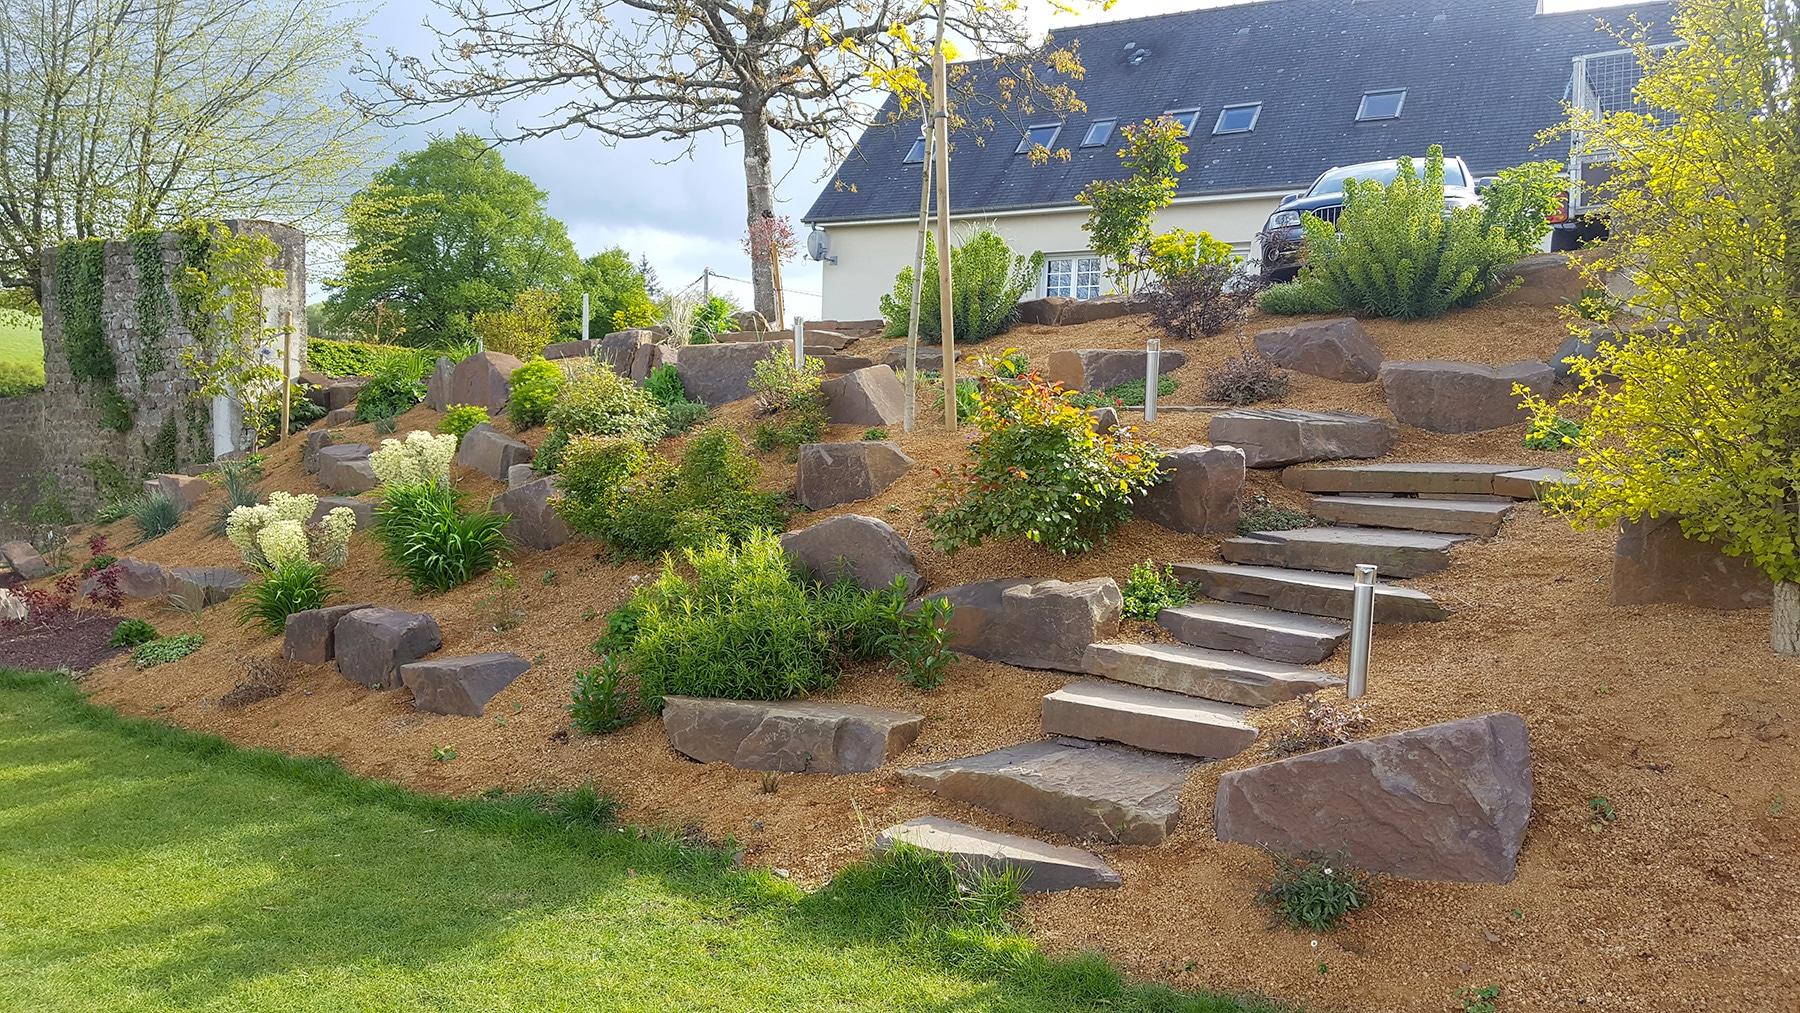 Rocaille De Jardin - Plante De Rocaille | Paysages Conseil dedans Amenagement Jardin Avec Pierres